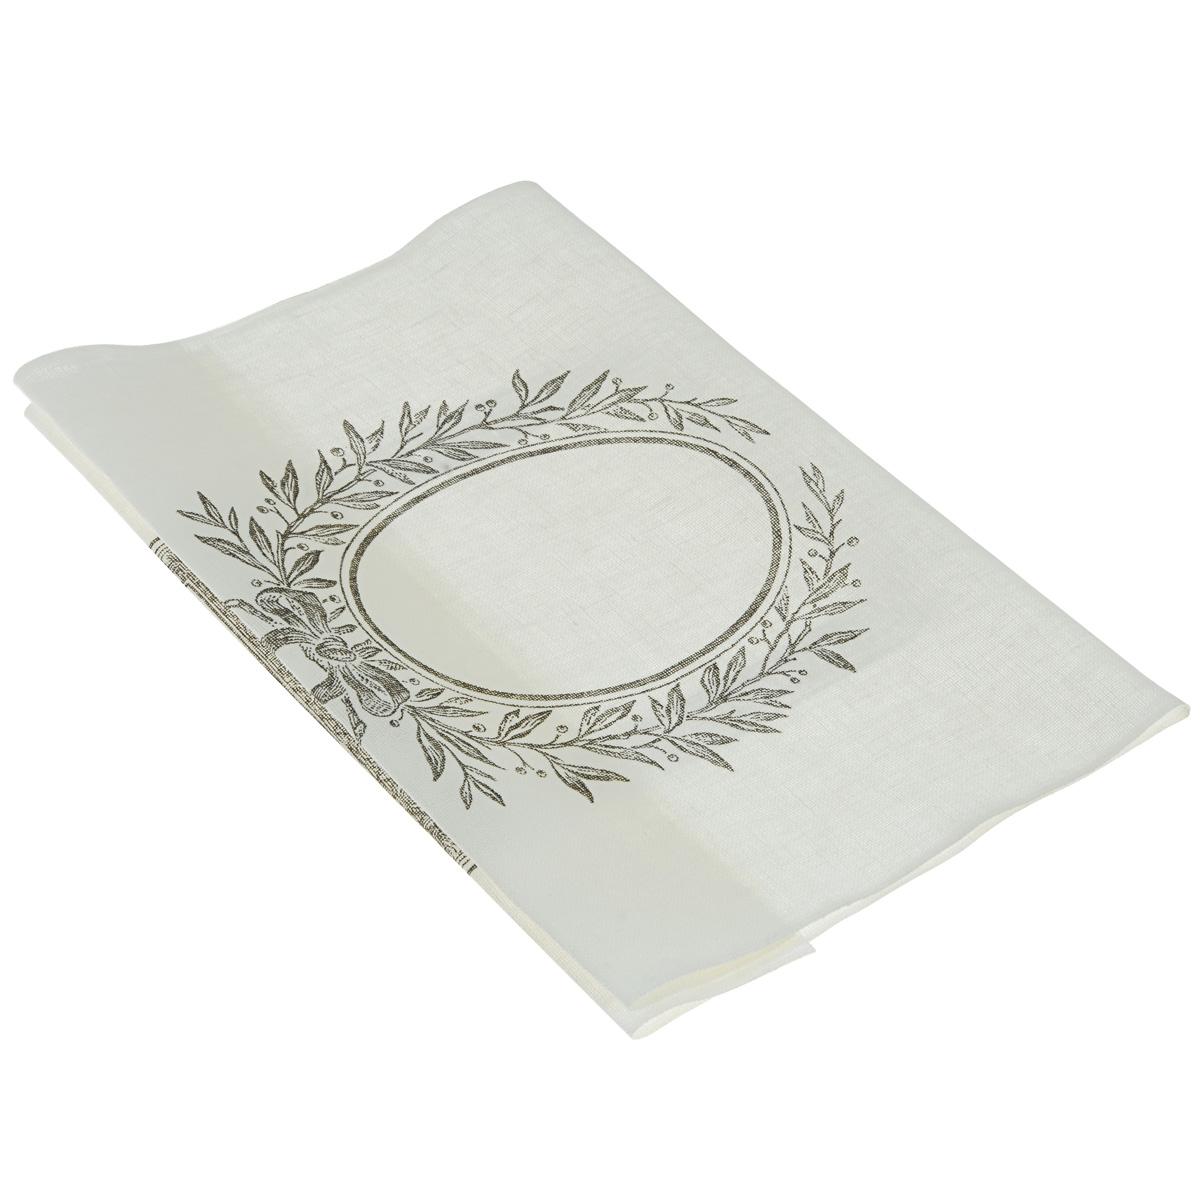 Основа для вышивания крестом или гладью Vaupel & Heilenbeck, с рисунком, цвет: белый, черный, 34 см х 63 см5157-340-90028Основа для вышивания крестом или гладью Vaupel & Heilenbeck представляет собой 11-ти ниточную дорожку, выполненную из 100% льна. Изделие декорировано изображением прямоугольной и круглой рамки с красивым обрамлением. Воплотите свои идеи на этой основе для вышивания! Дорожка, украшенная своими руками, дополнит интерьер любого помещения, а также сможет стать изысканным подарком для ваших друзей и близких.